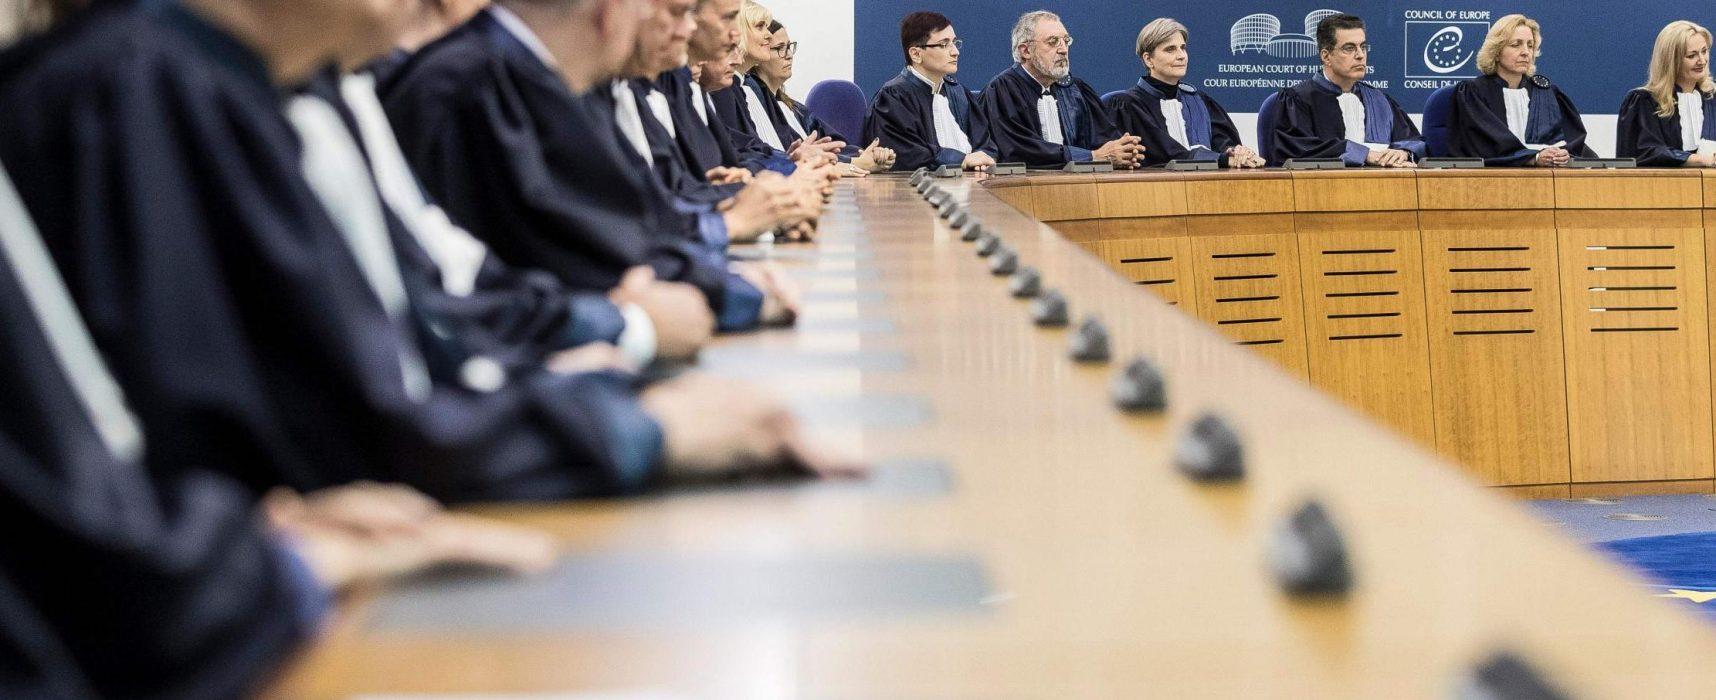 РИА «Новости» повідомило, що ЄСПЛ визнав арешт Магнітського правомірним. Насправді суд знайшов у справі п'ять порушень прав людини